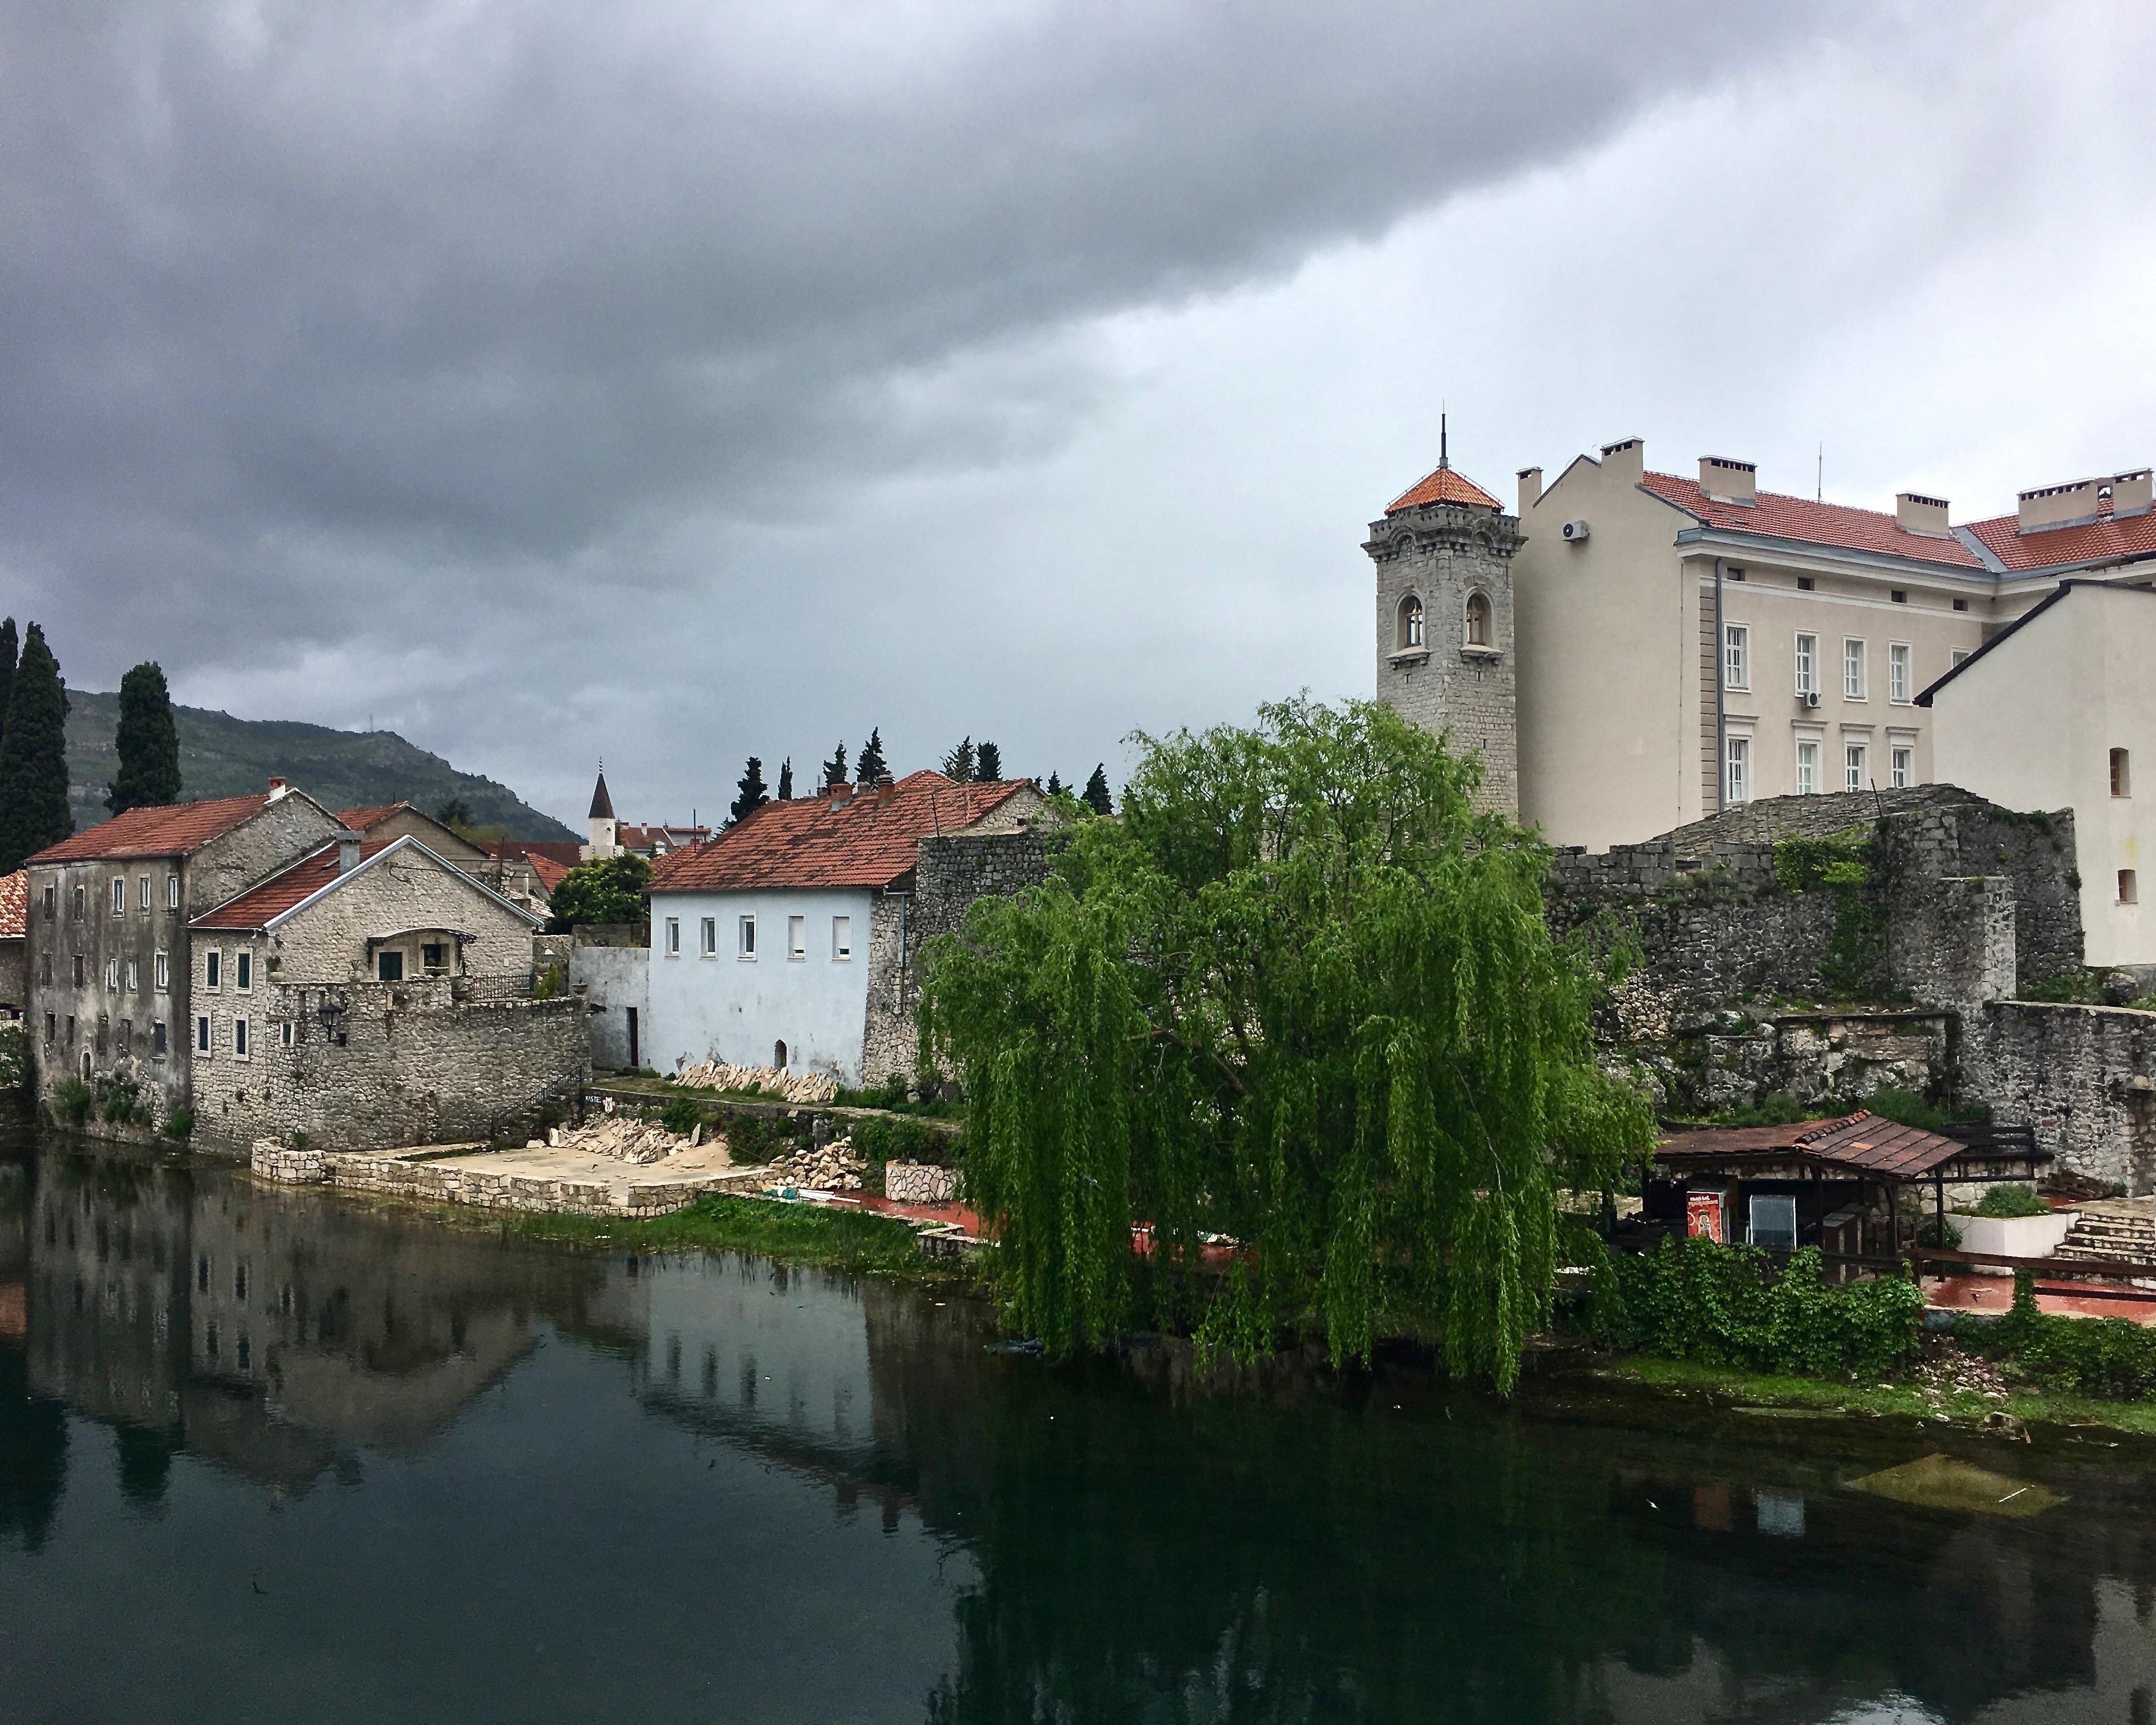 Trebinje Altstadt an der Trebisnjica in Bosnien-Herzegowina